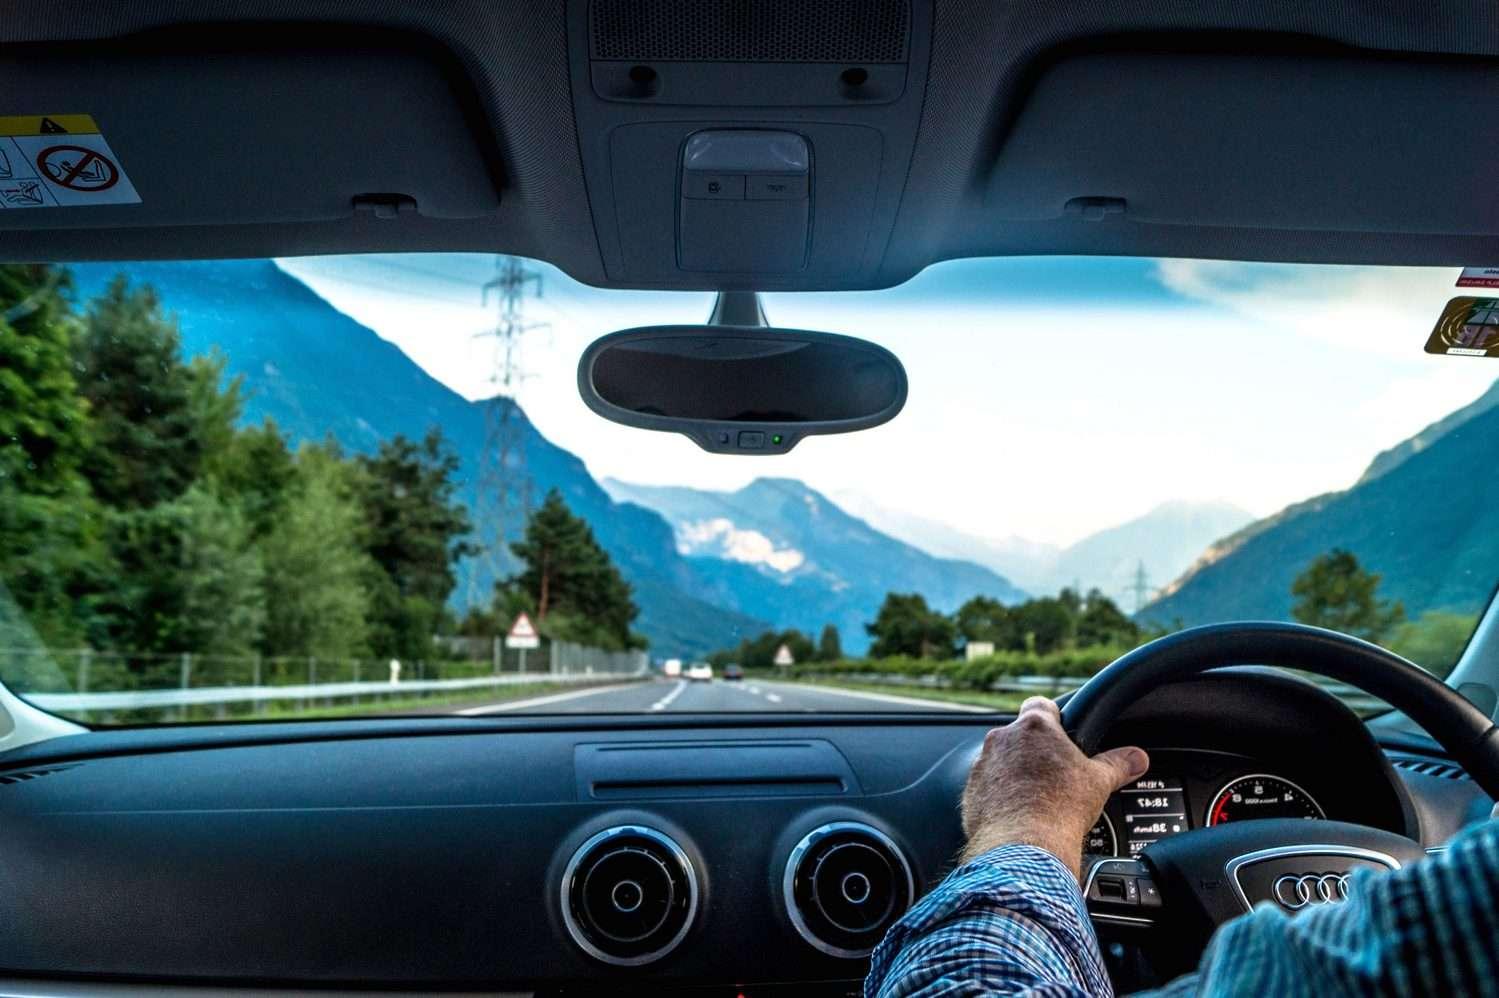 Le brevet d'Apple pour la détection des fissures dans les parebrises utiliserait la résistance électrique d'un film conducteur. © Pixnio